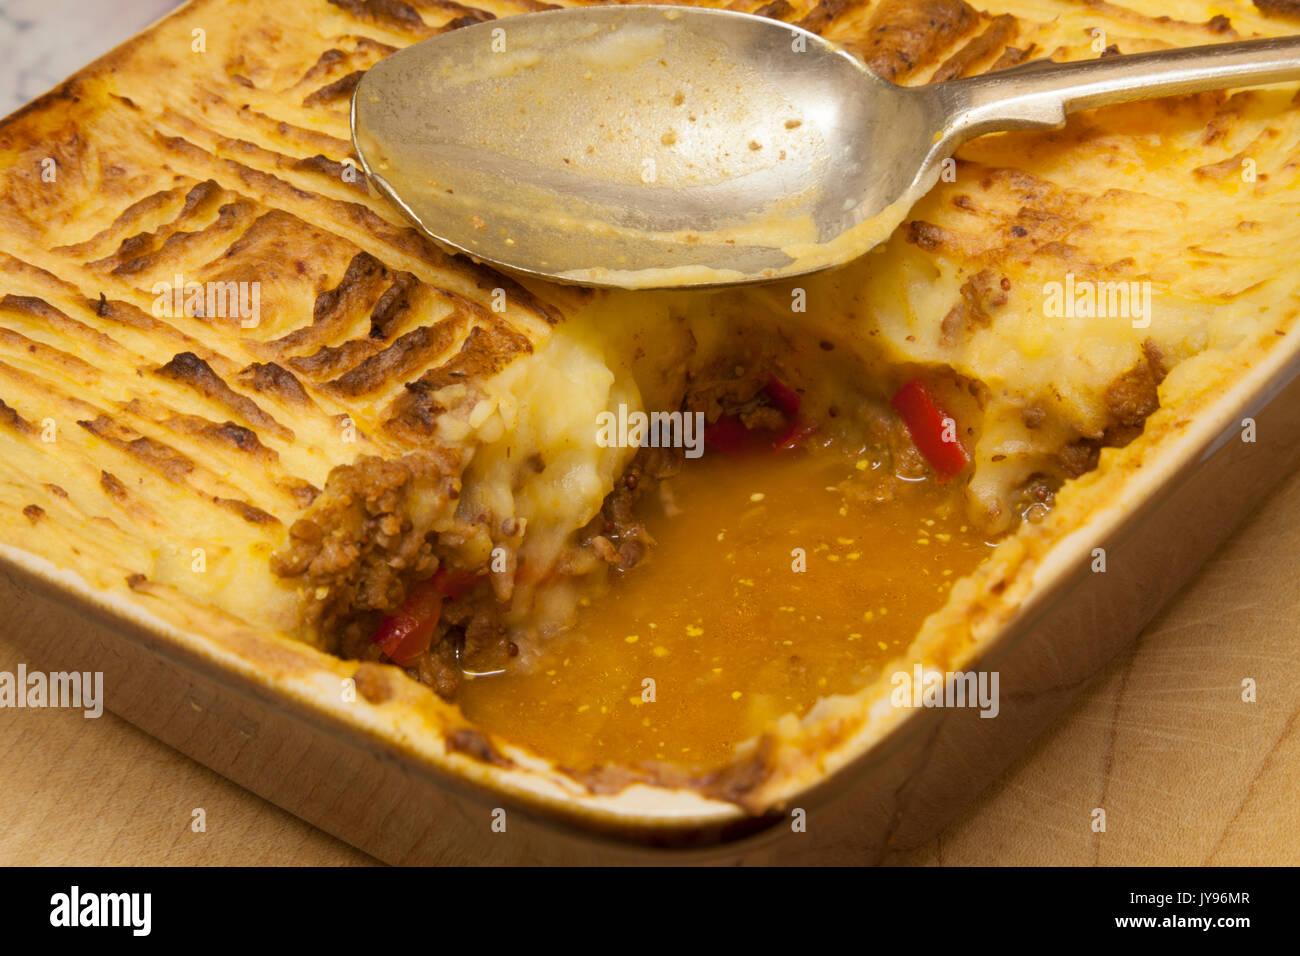 Cottage Pie fait maison avec une touche de style italien à chaud du four avec une partie manquante, faite avec du bœuf haché, les poivrons rouges et les poireaux. Photo Stock